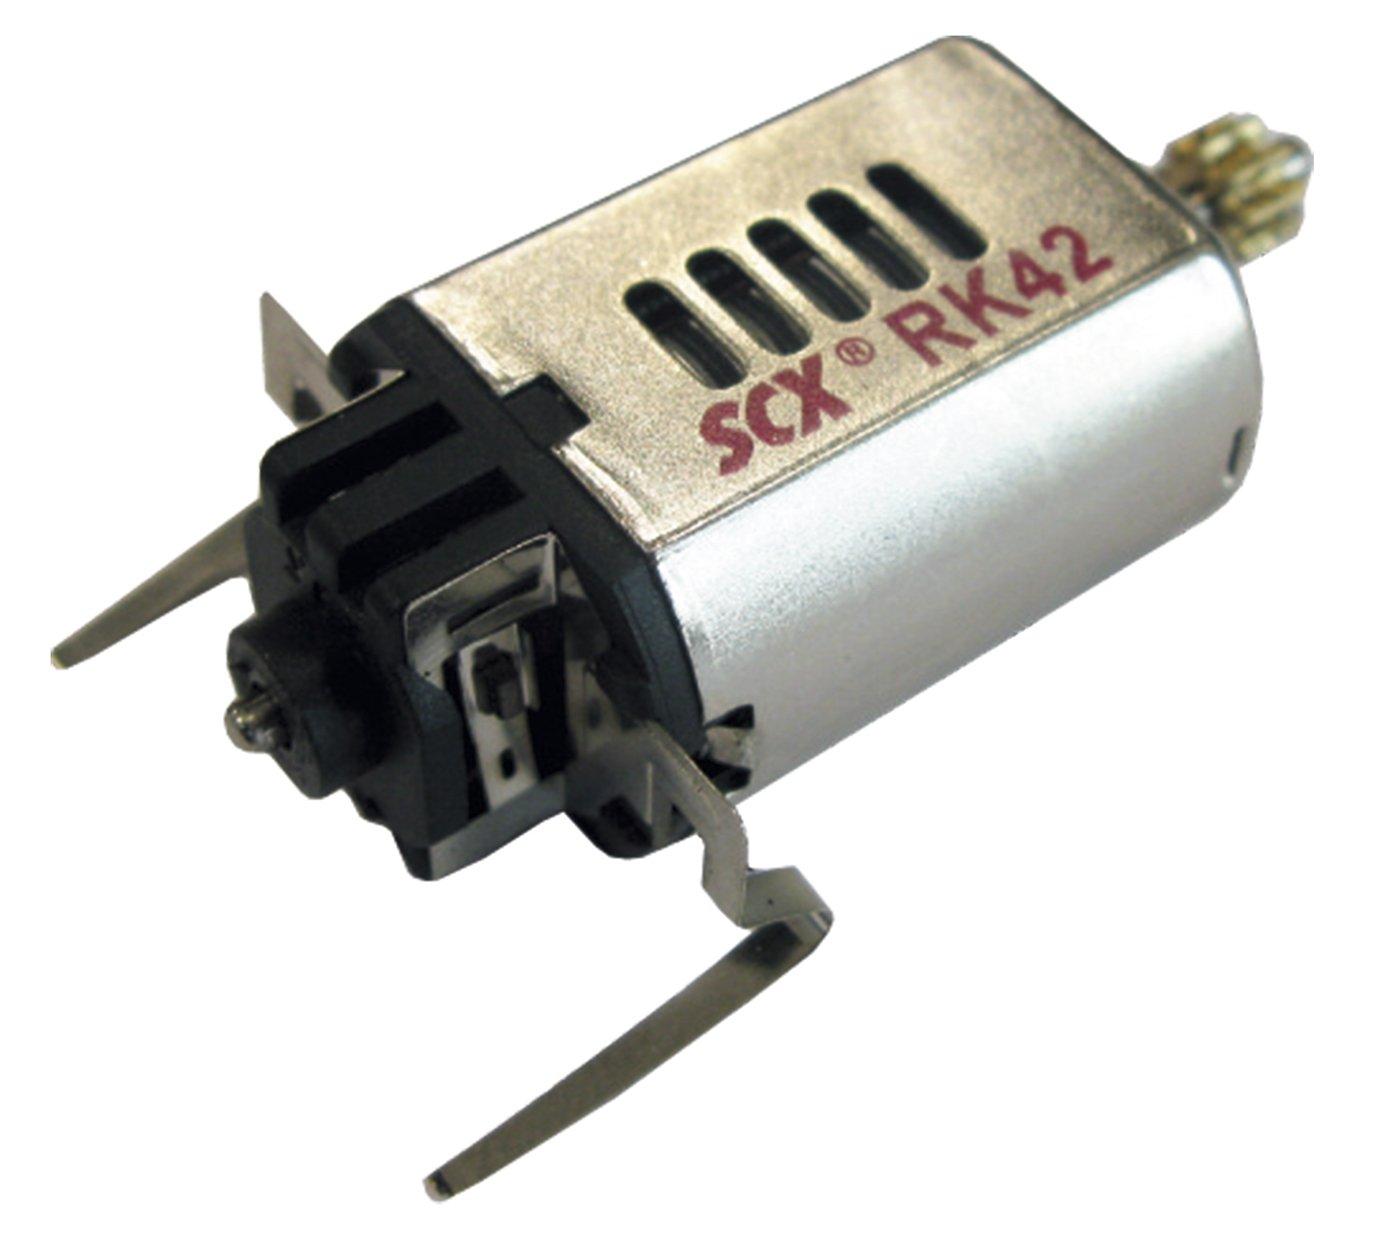 SCX Zubehör Original–b10103x 400–Circuit Auto–Ersatzteile–Motor rk-42 B10103X400